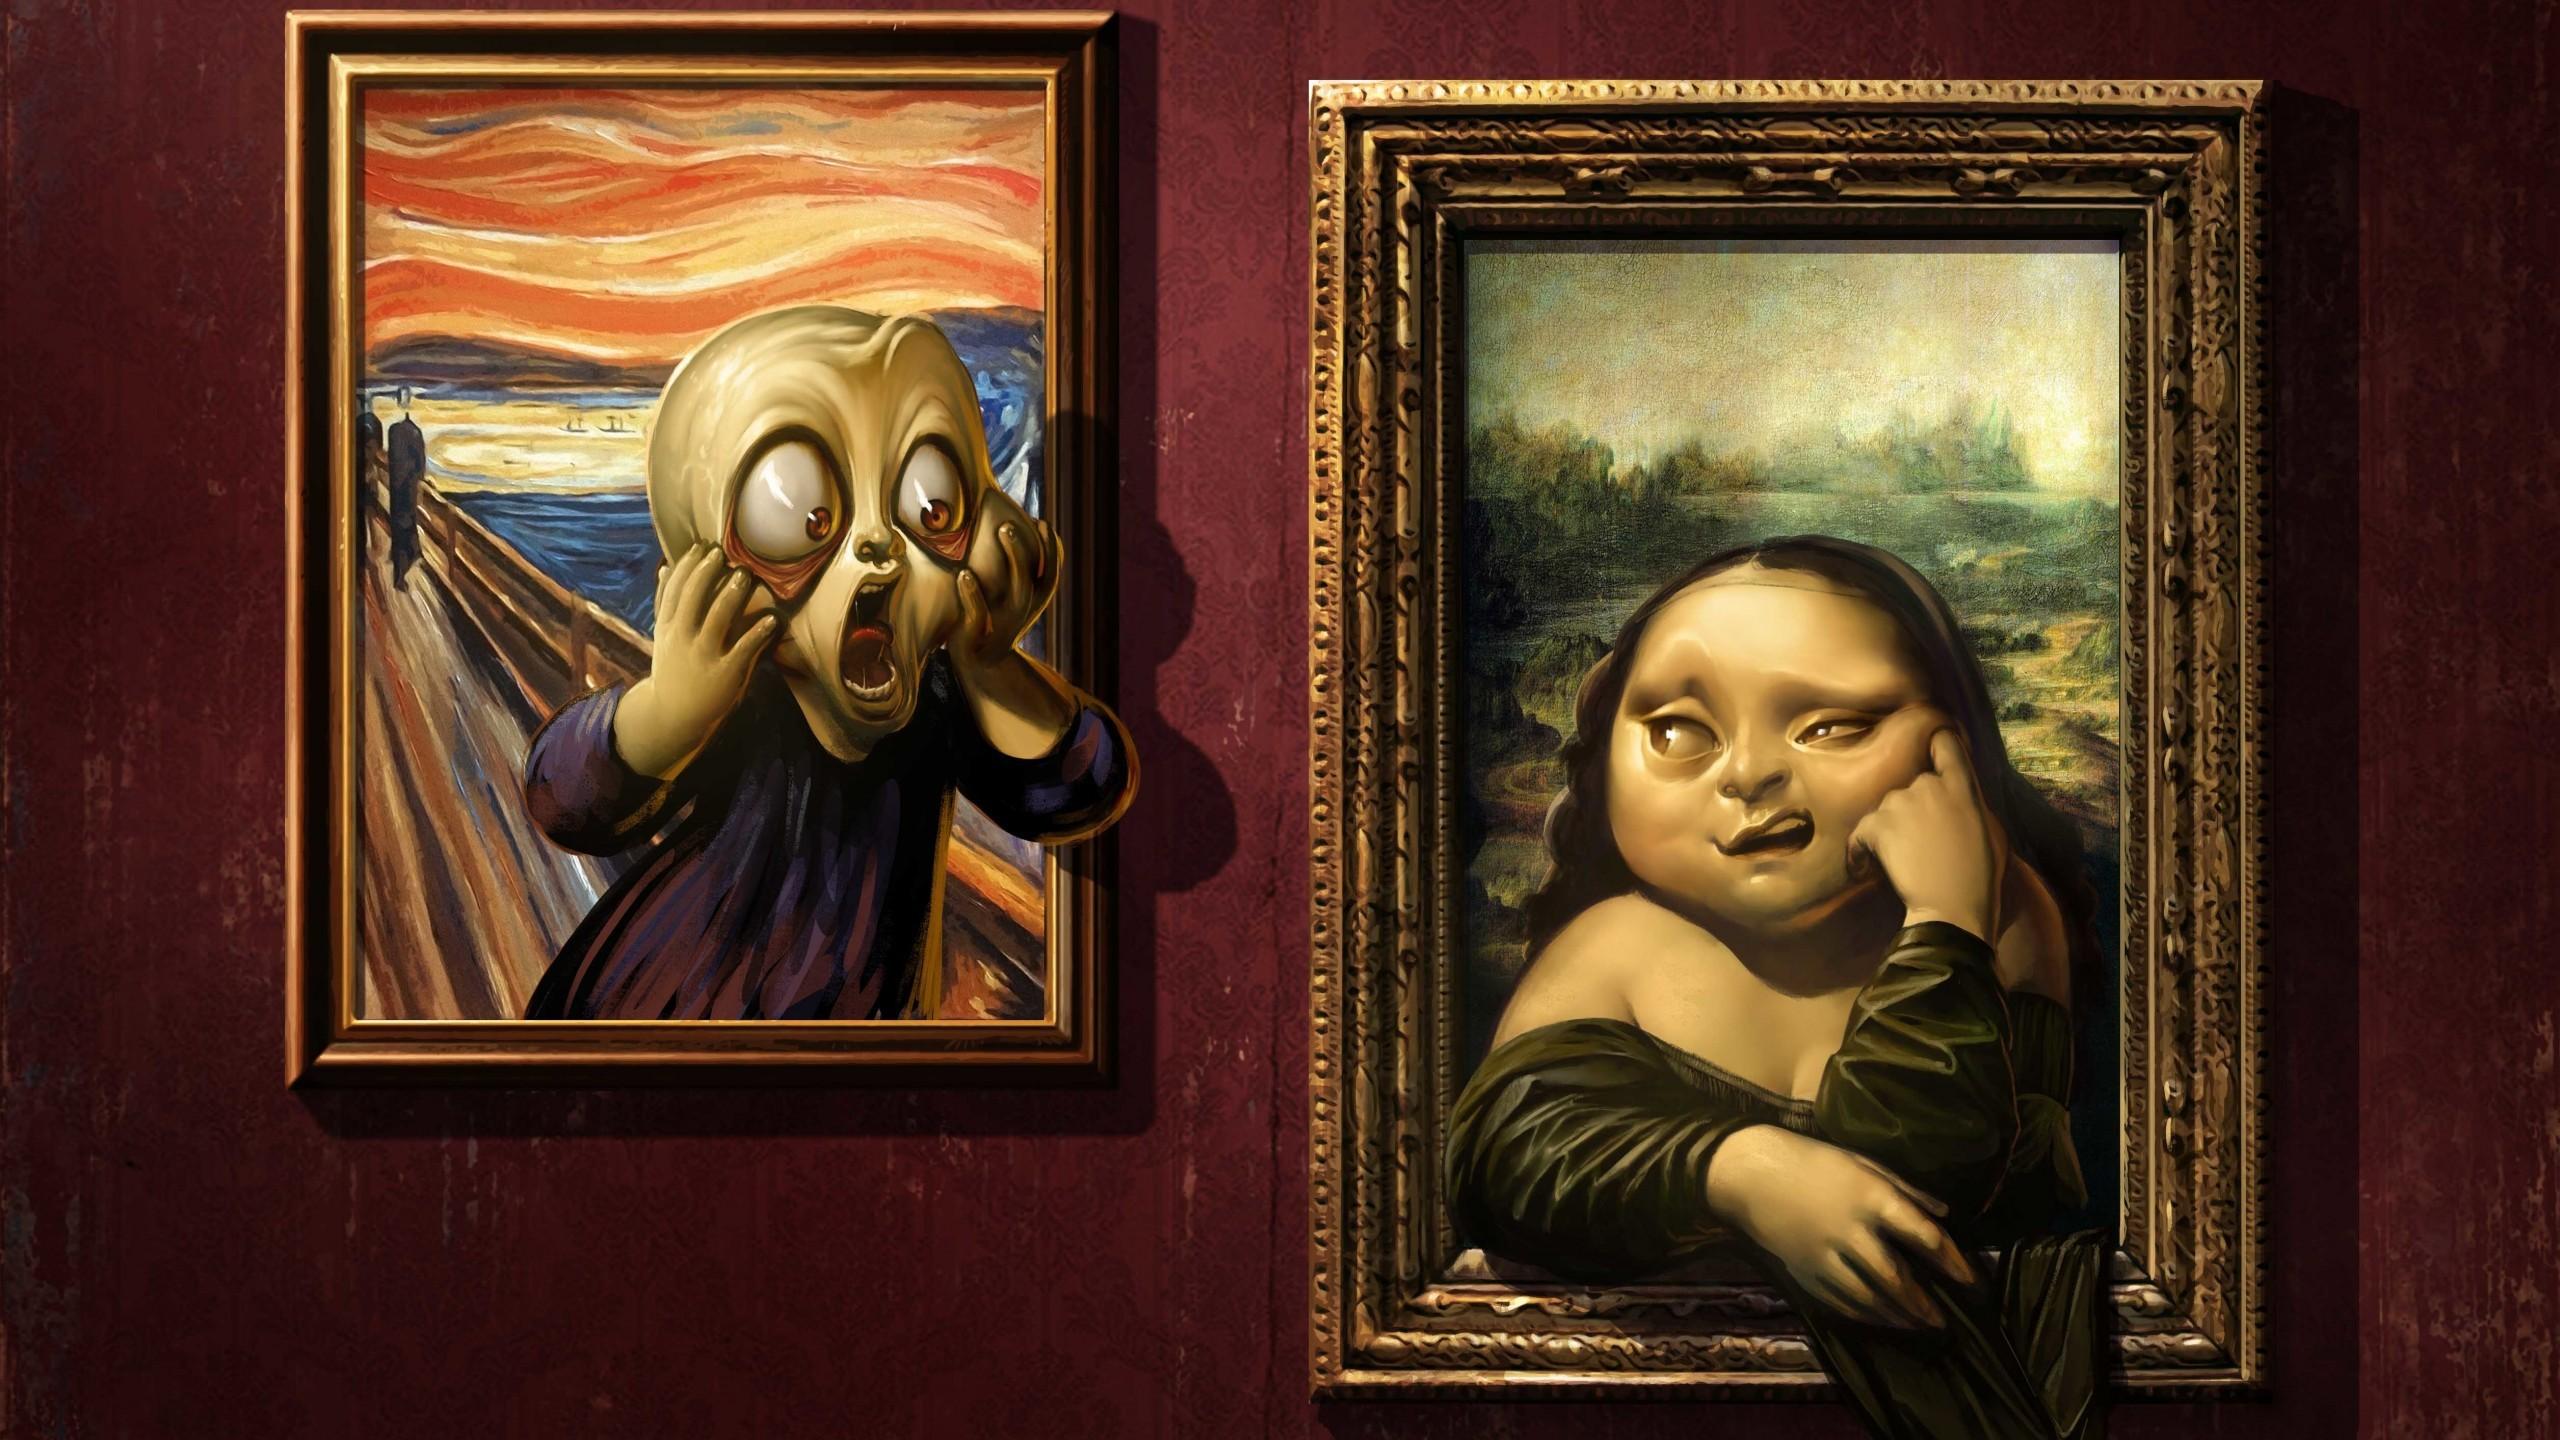 Смешная картинка про искусство, днем